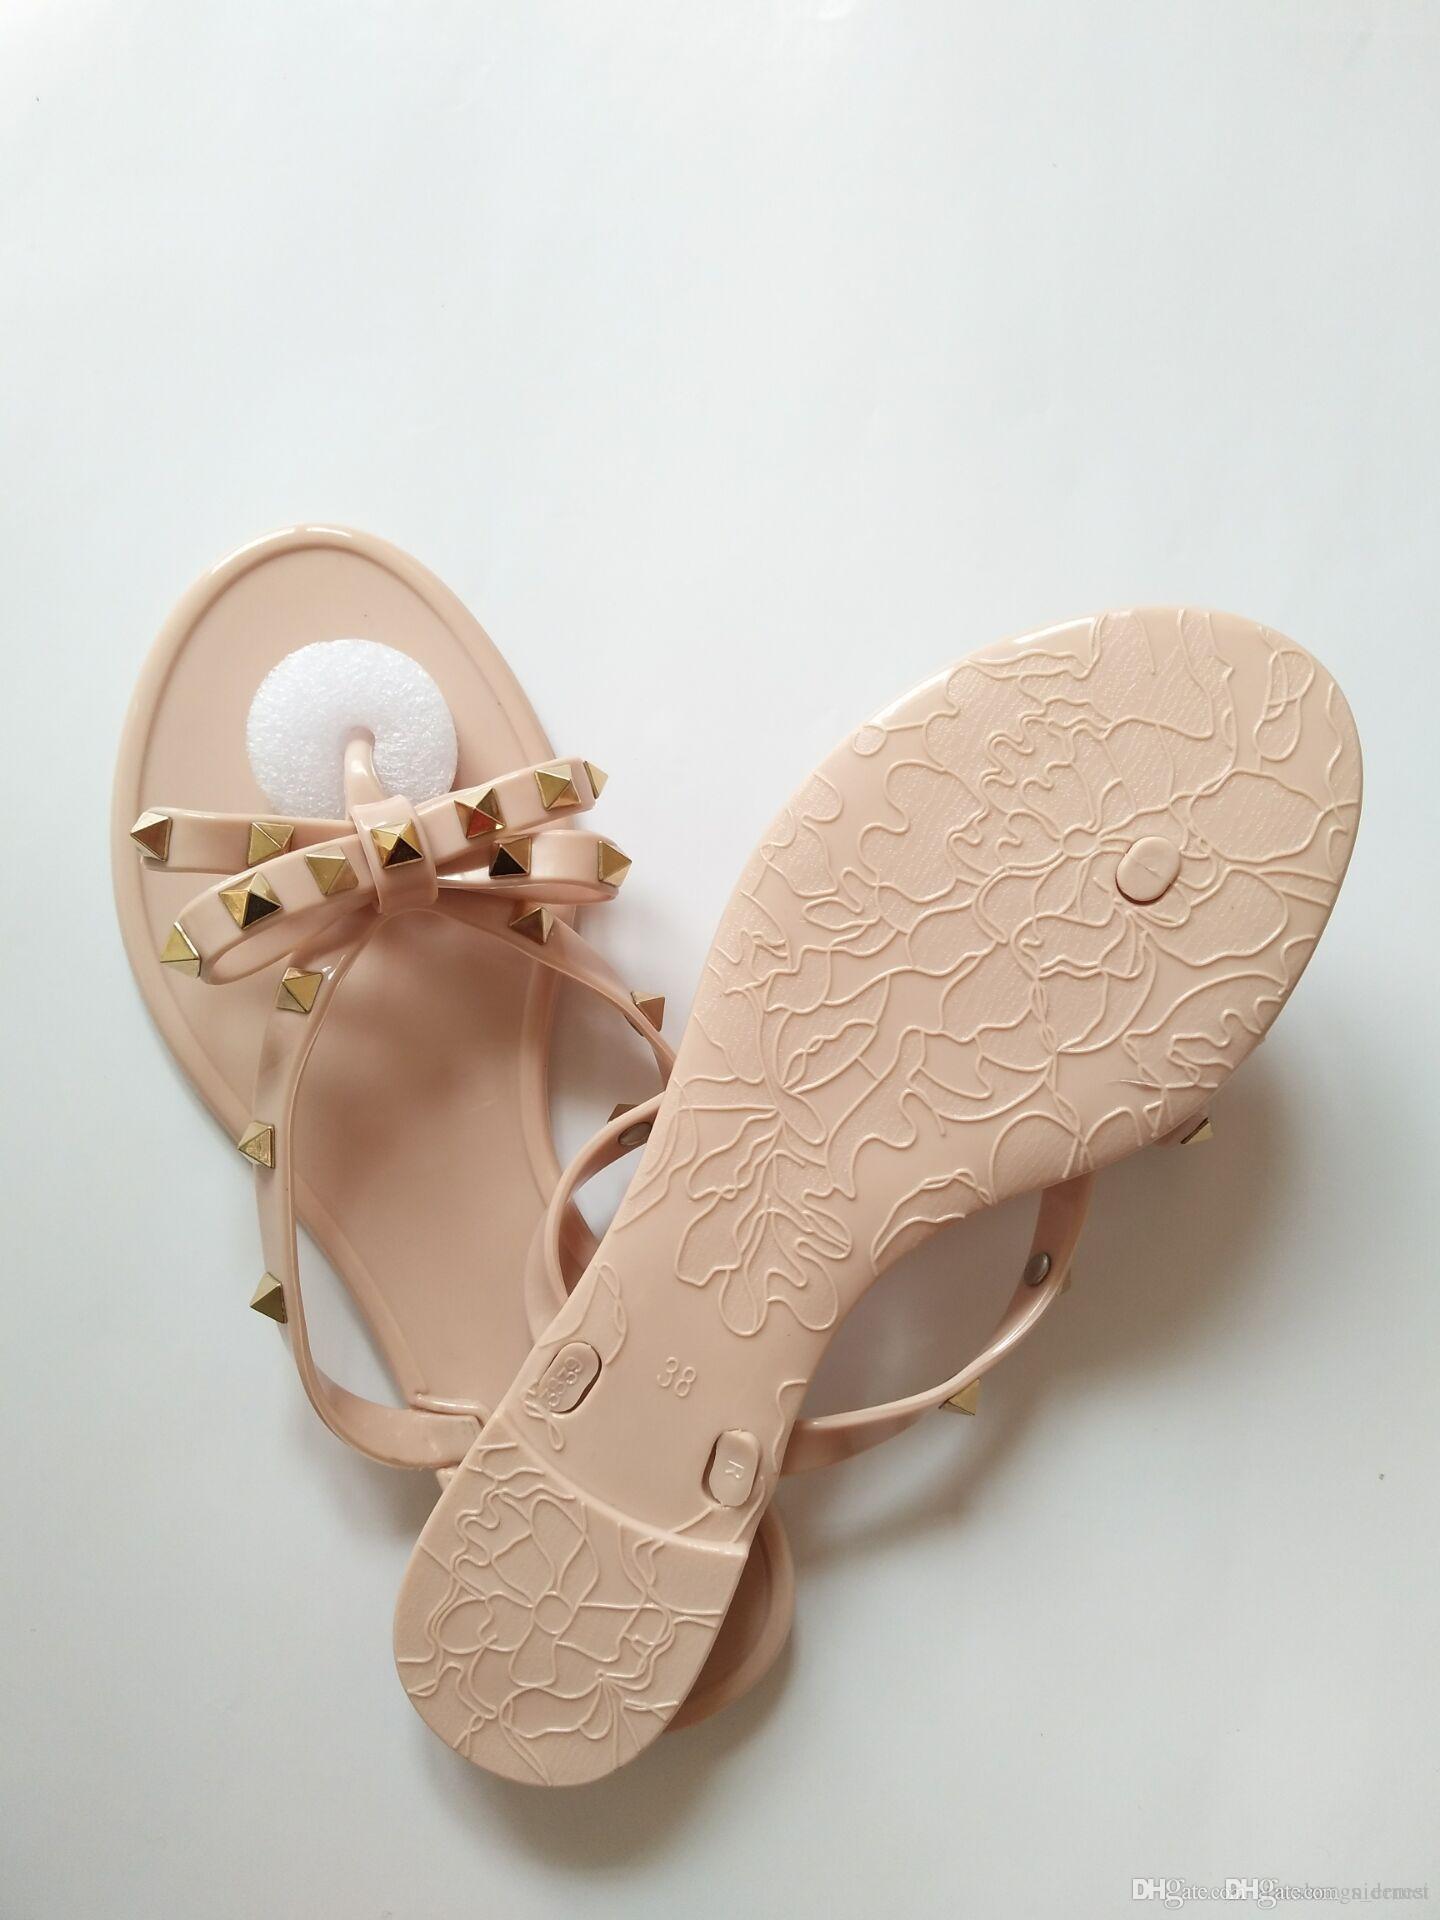 Yeni 2018 Kadın Yaz Sandalet Perçinler büyük ilmek Flip Flop Plaj Sandalias Femininas Düz Jöle Tasarımcı Sandalet